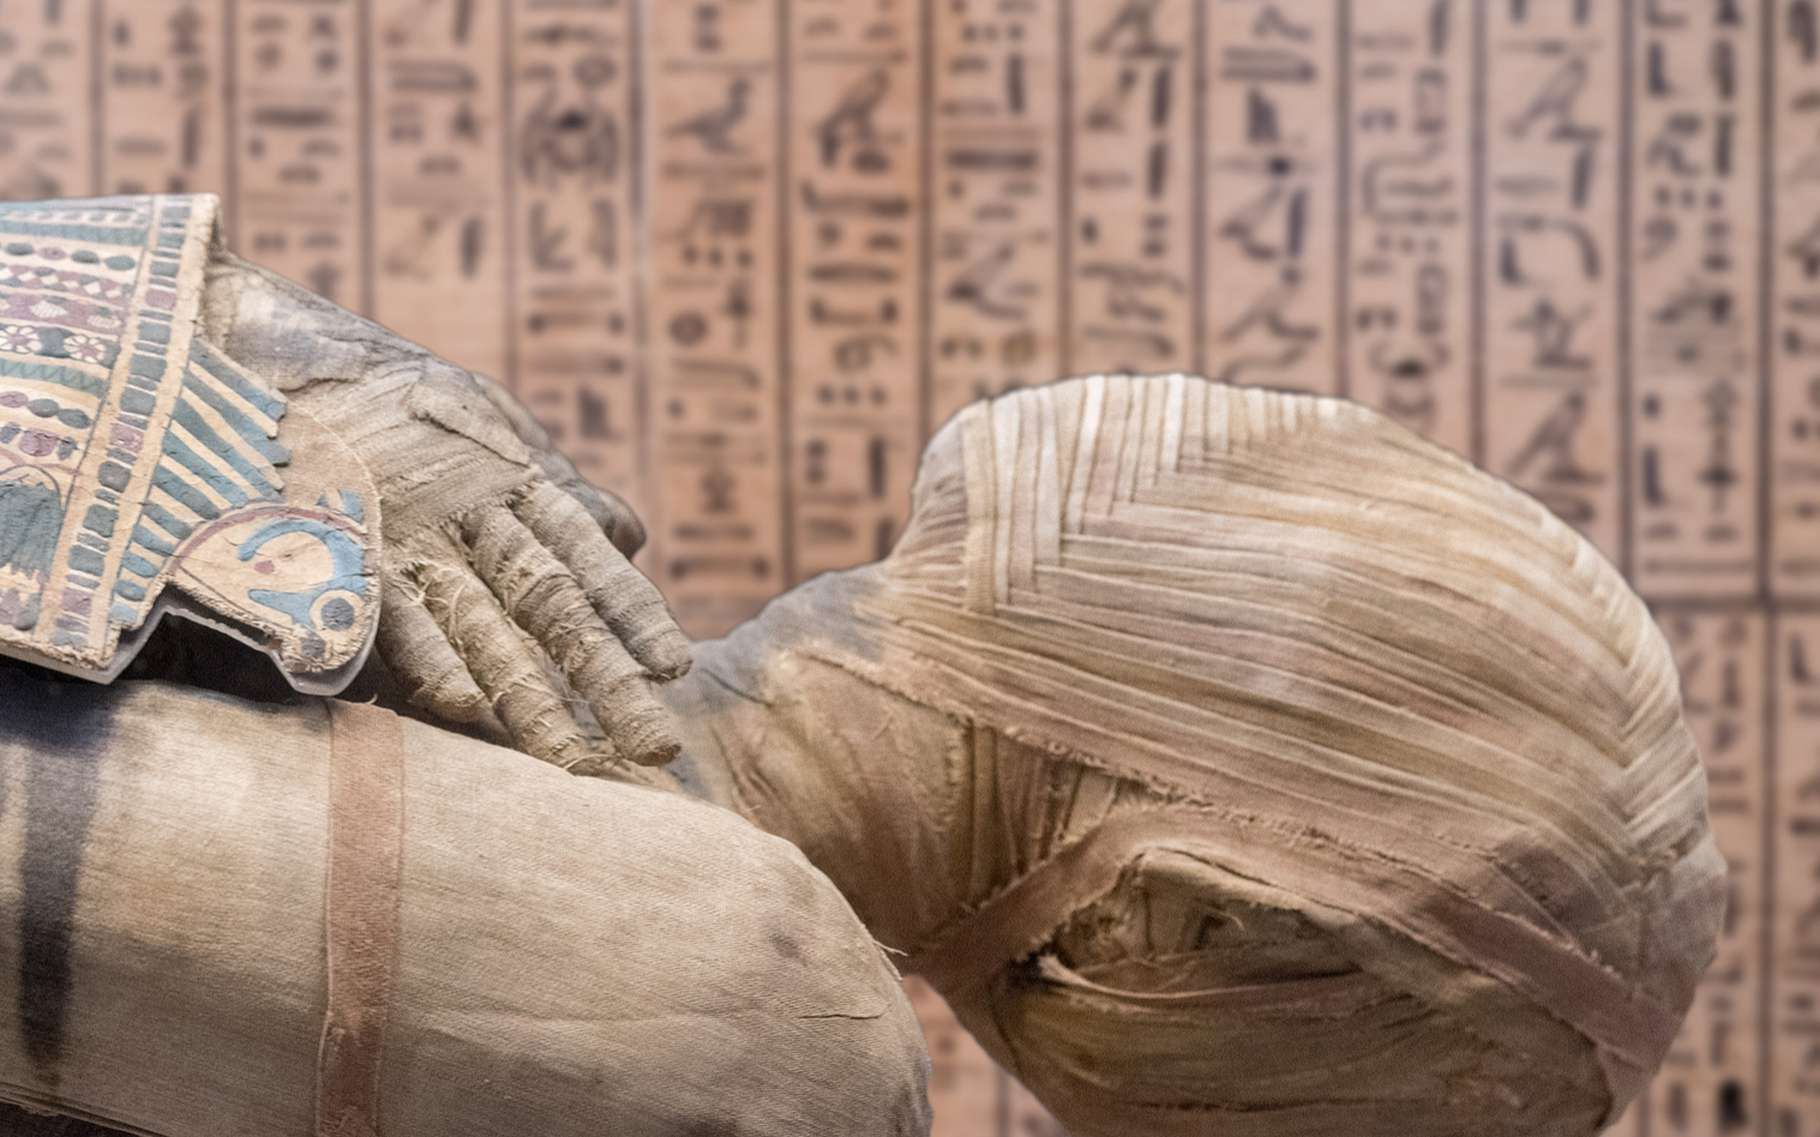 Les momies égyptiennes n'en finissent pas de révéler leurs secrets ! © Andrea Izzotti, Shutterstock